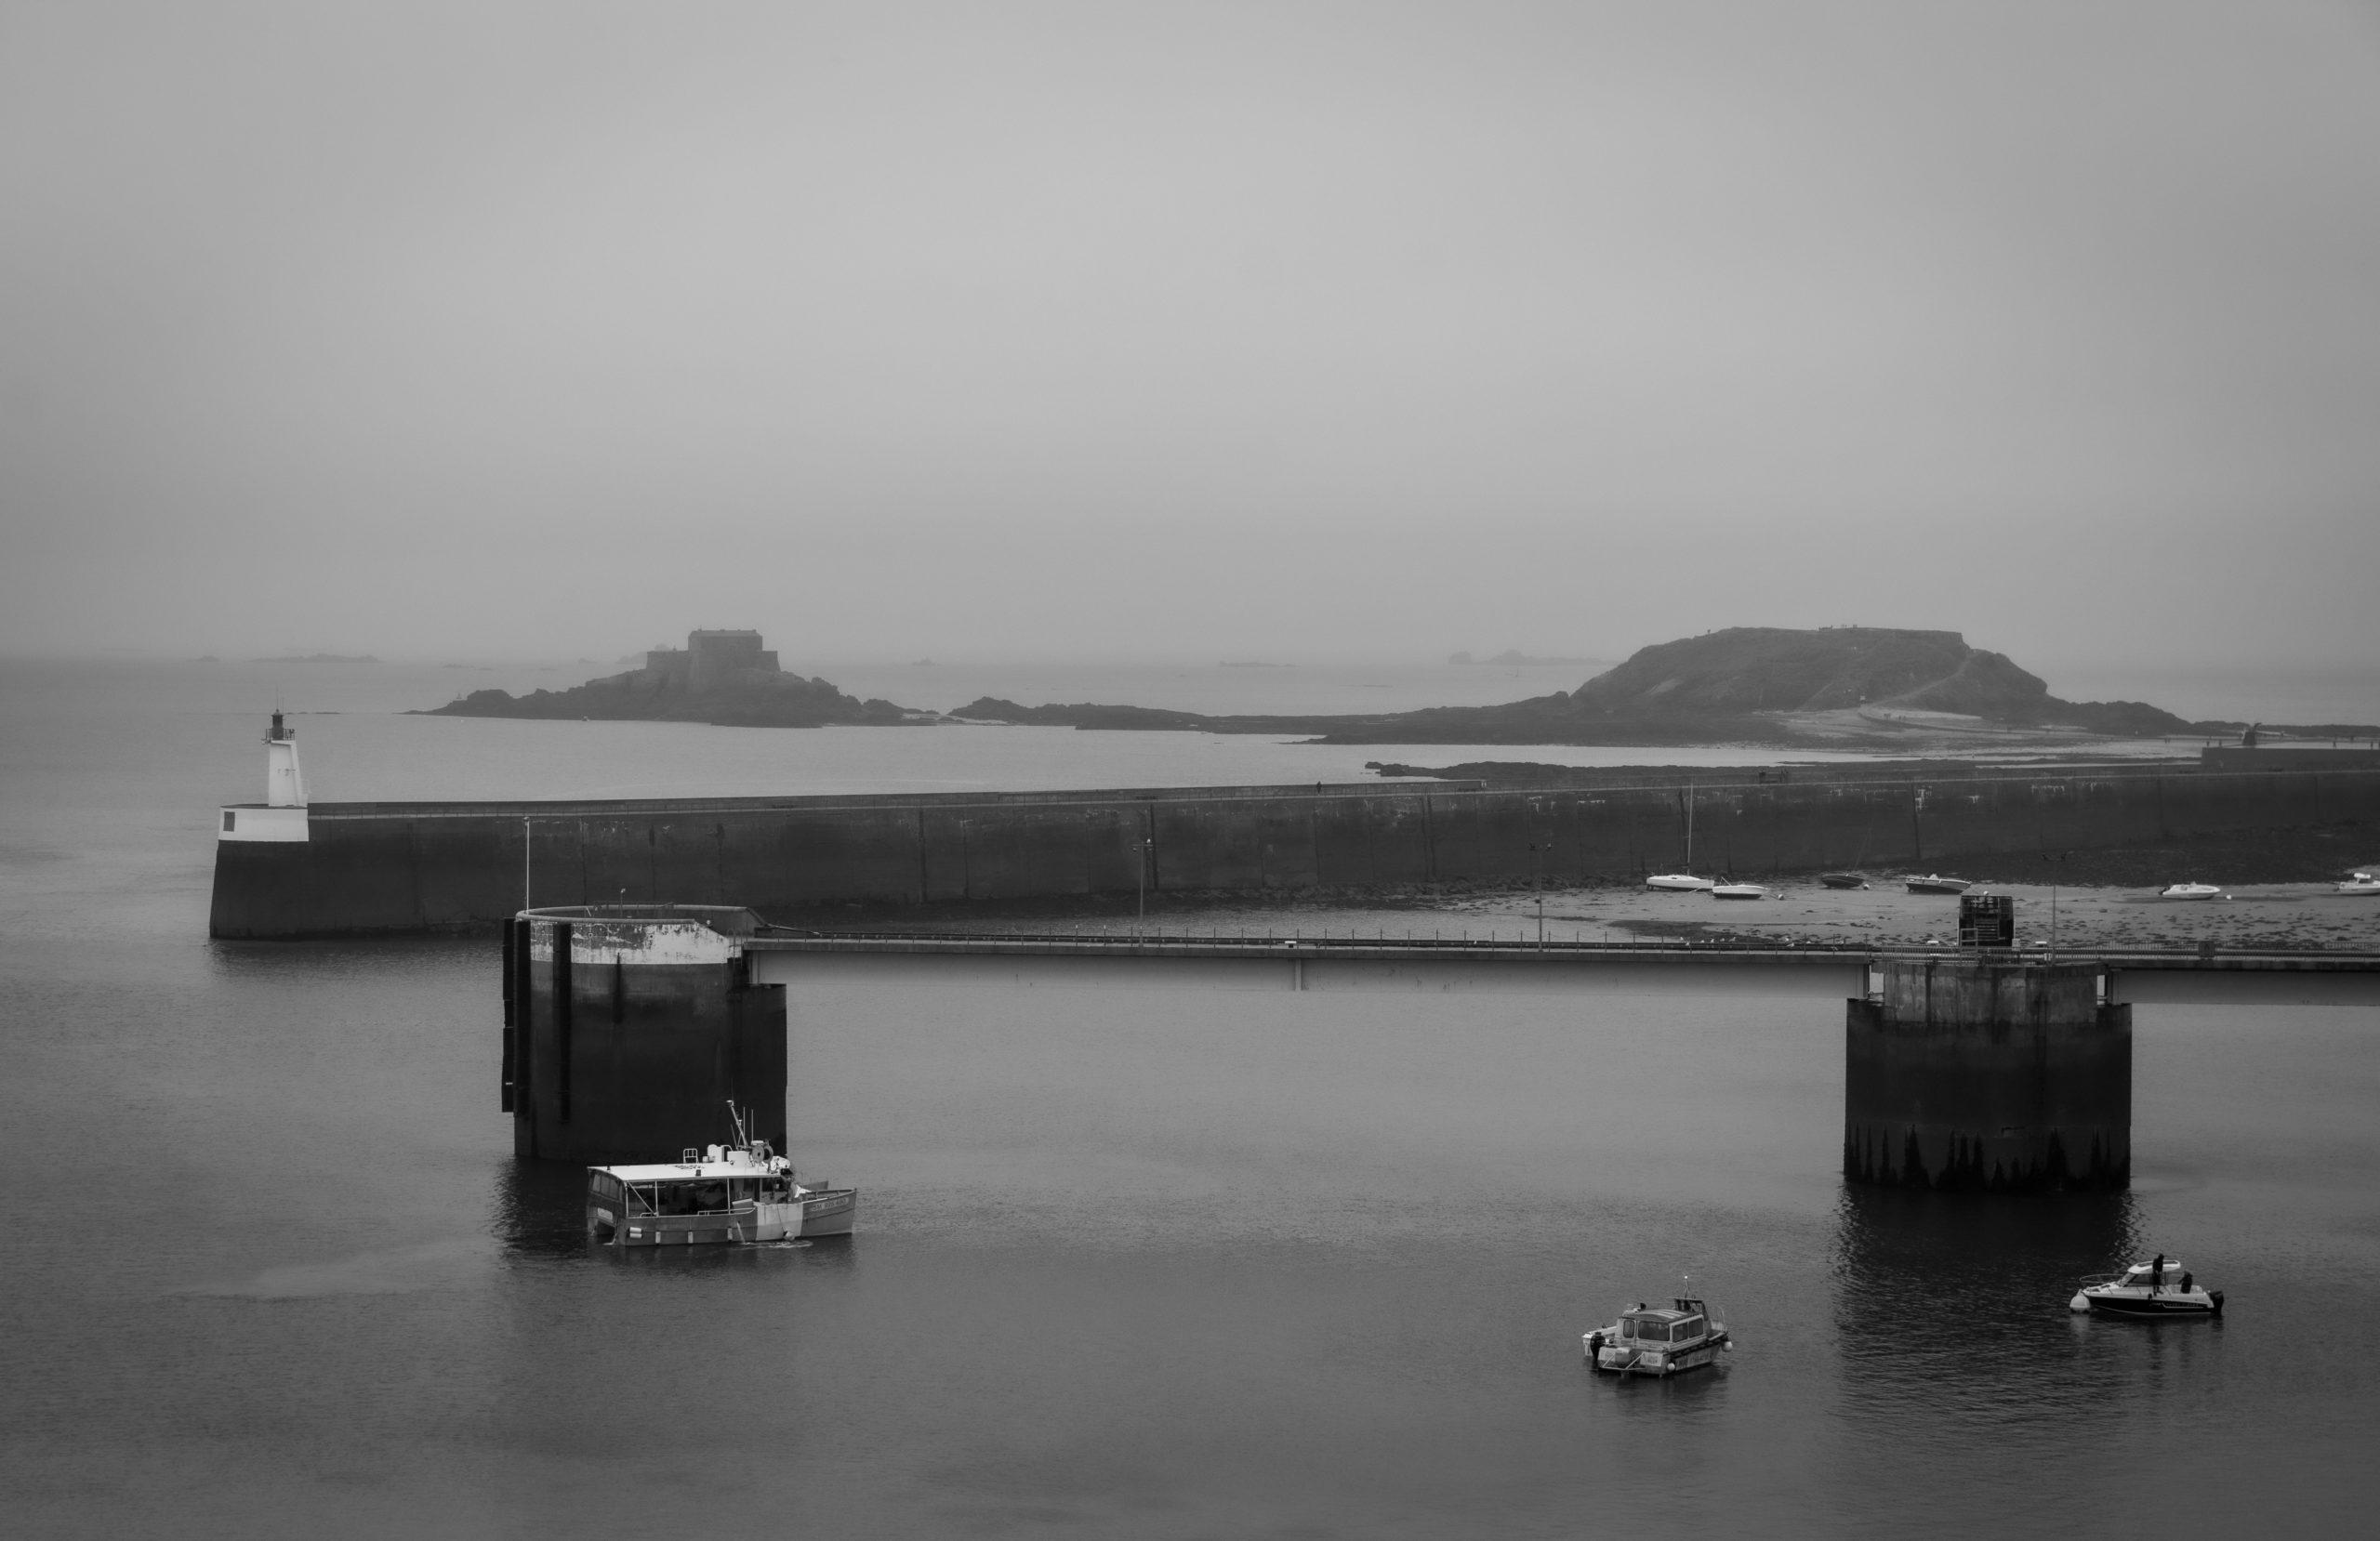 Les iles de Saint-Malo